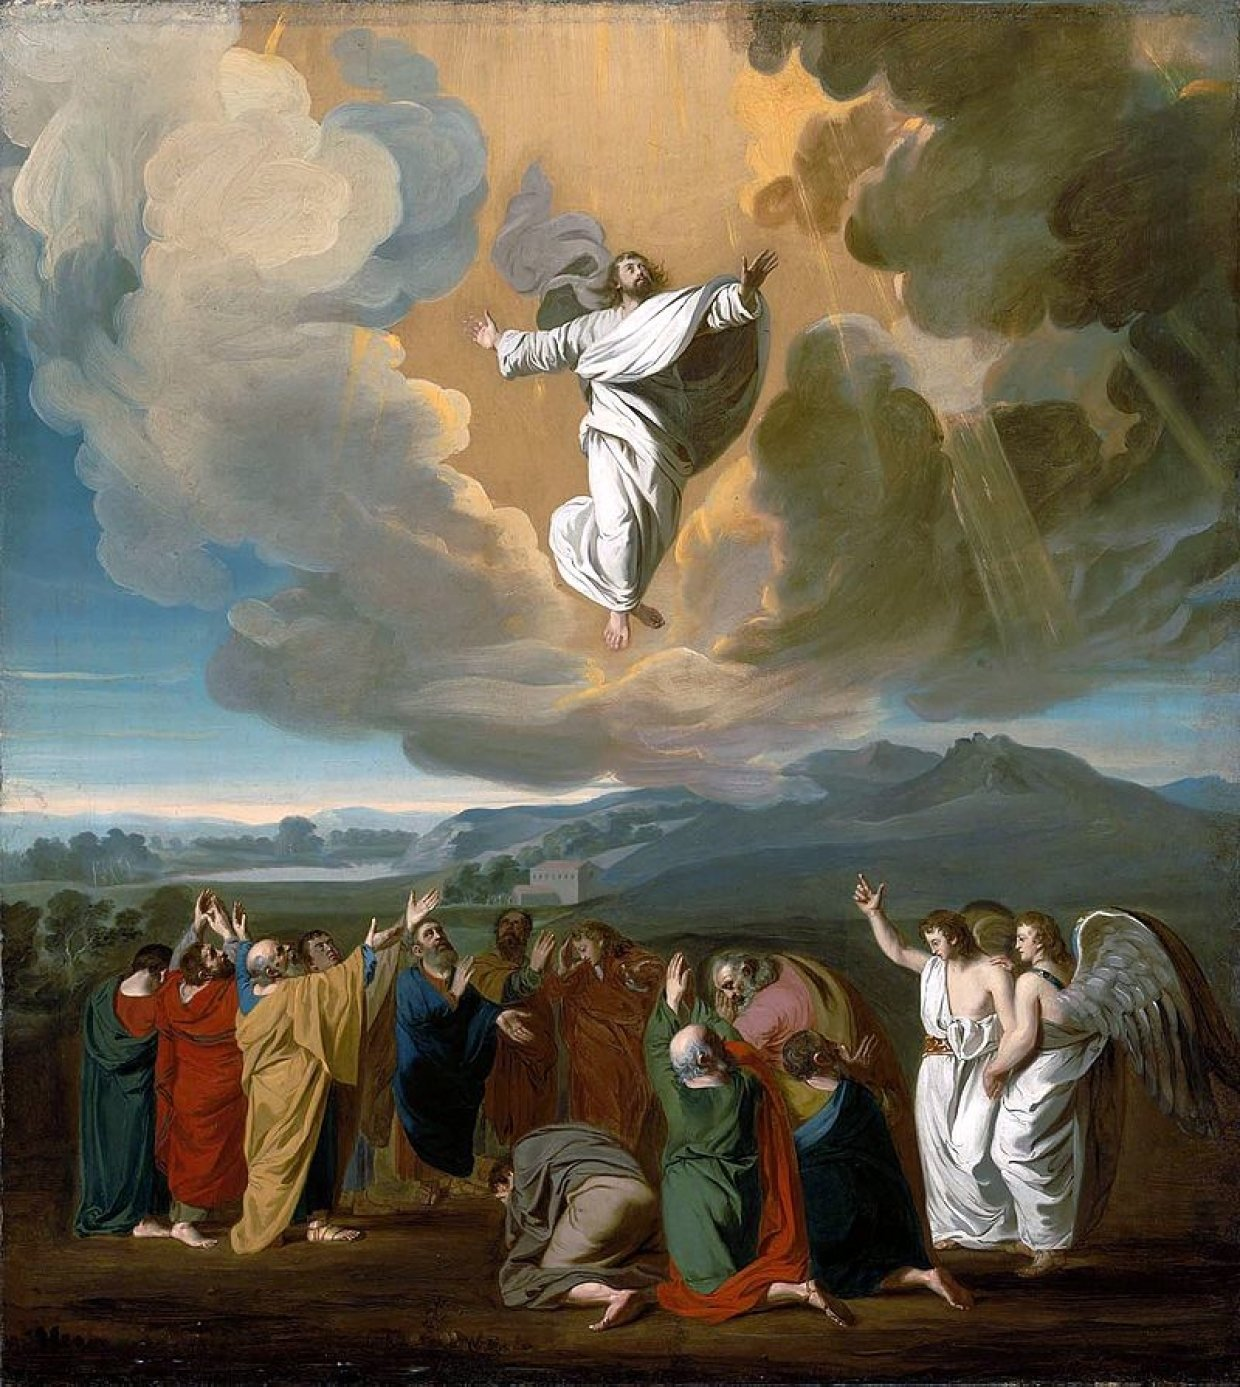 Праздник Вознесение Господне связан с евангельской историей о вознесении на небо воскресшего Иисуса Христа